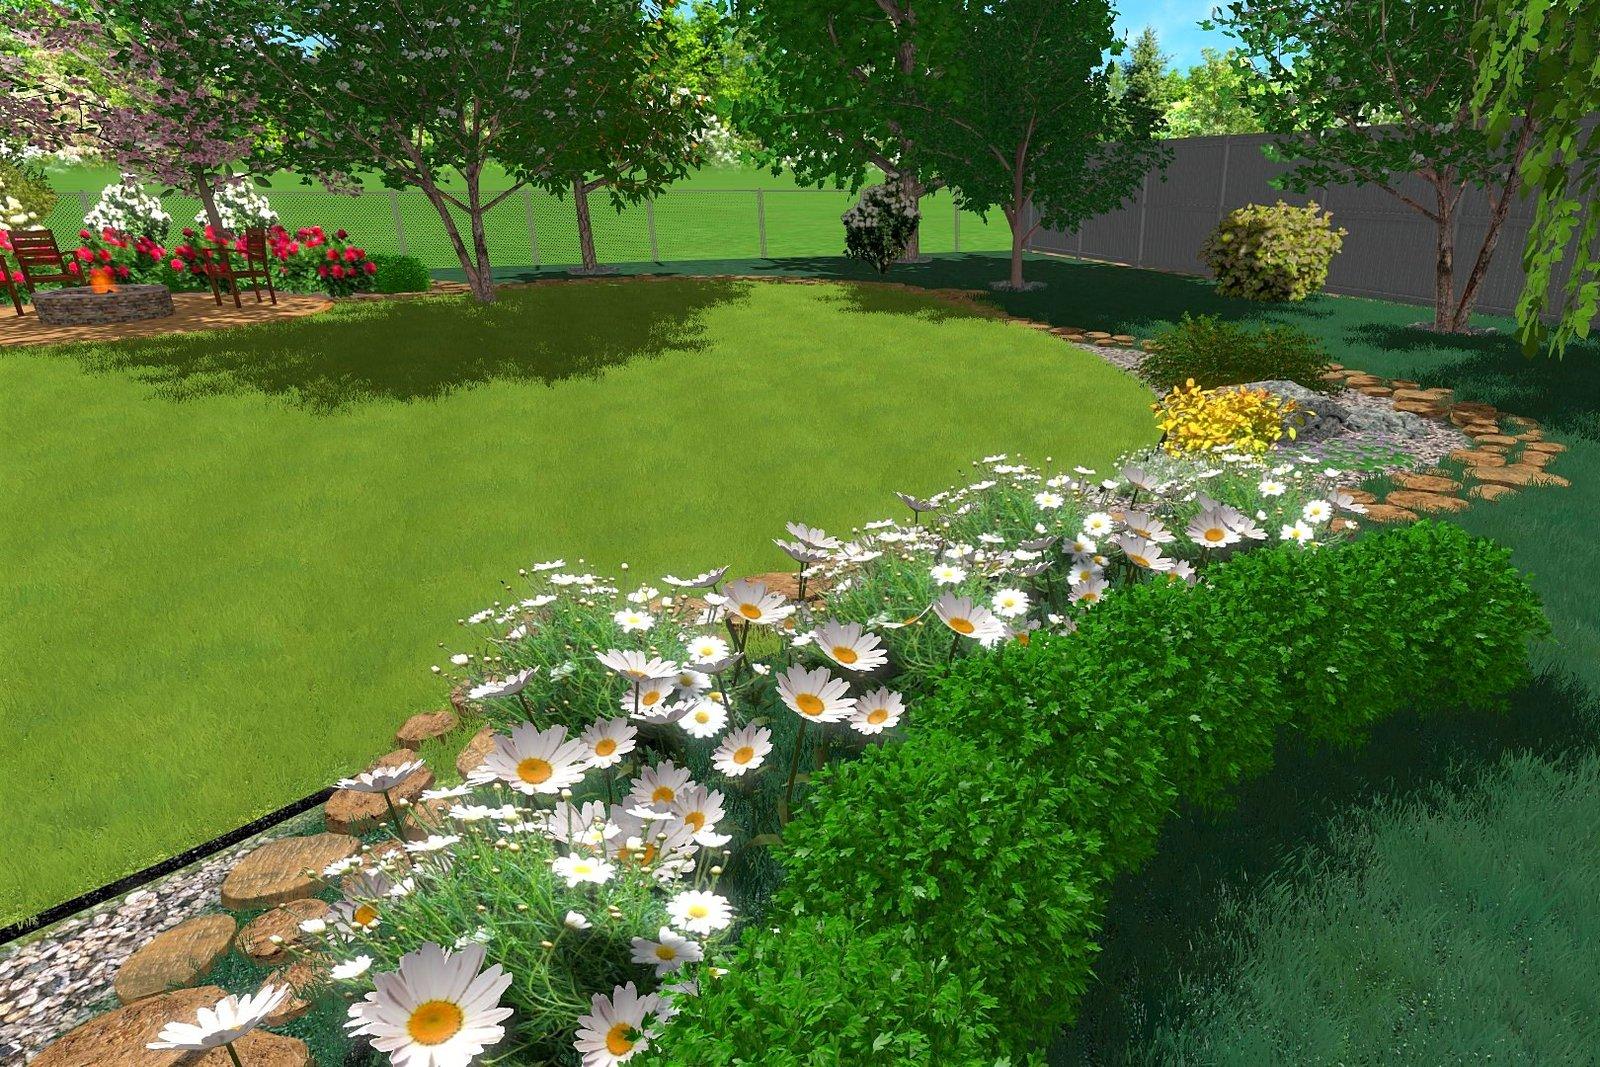 Готовые проекты ландшафтного дизайна, готовый ландшафтный проект, как создать ландшафтный проект